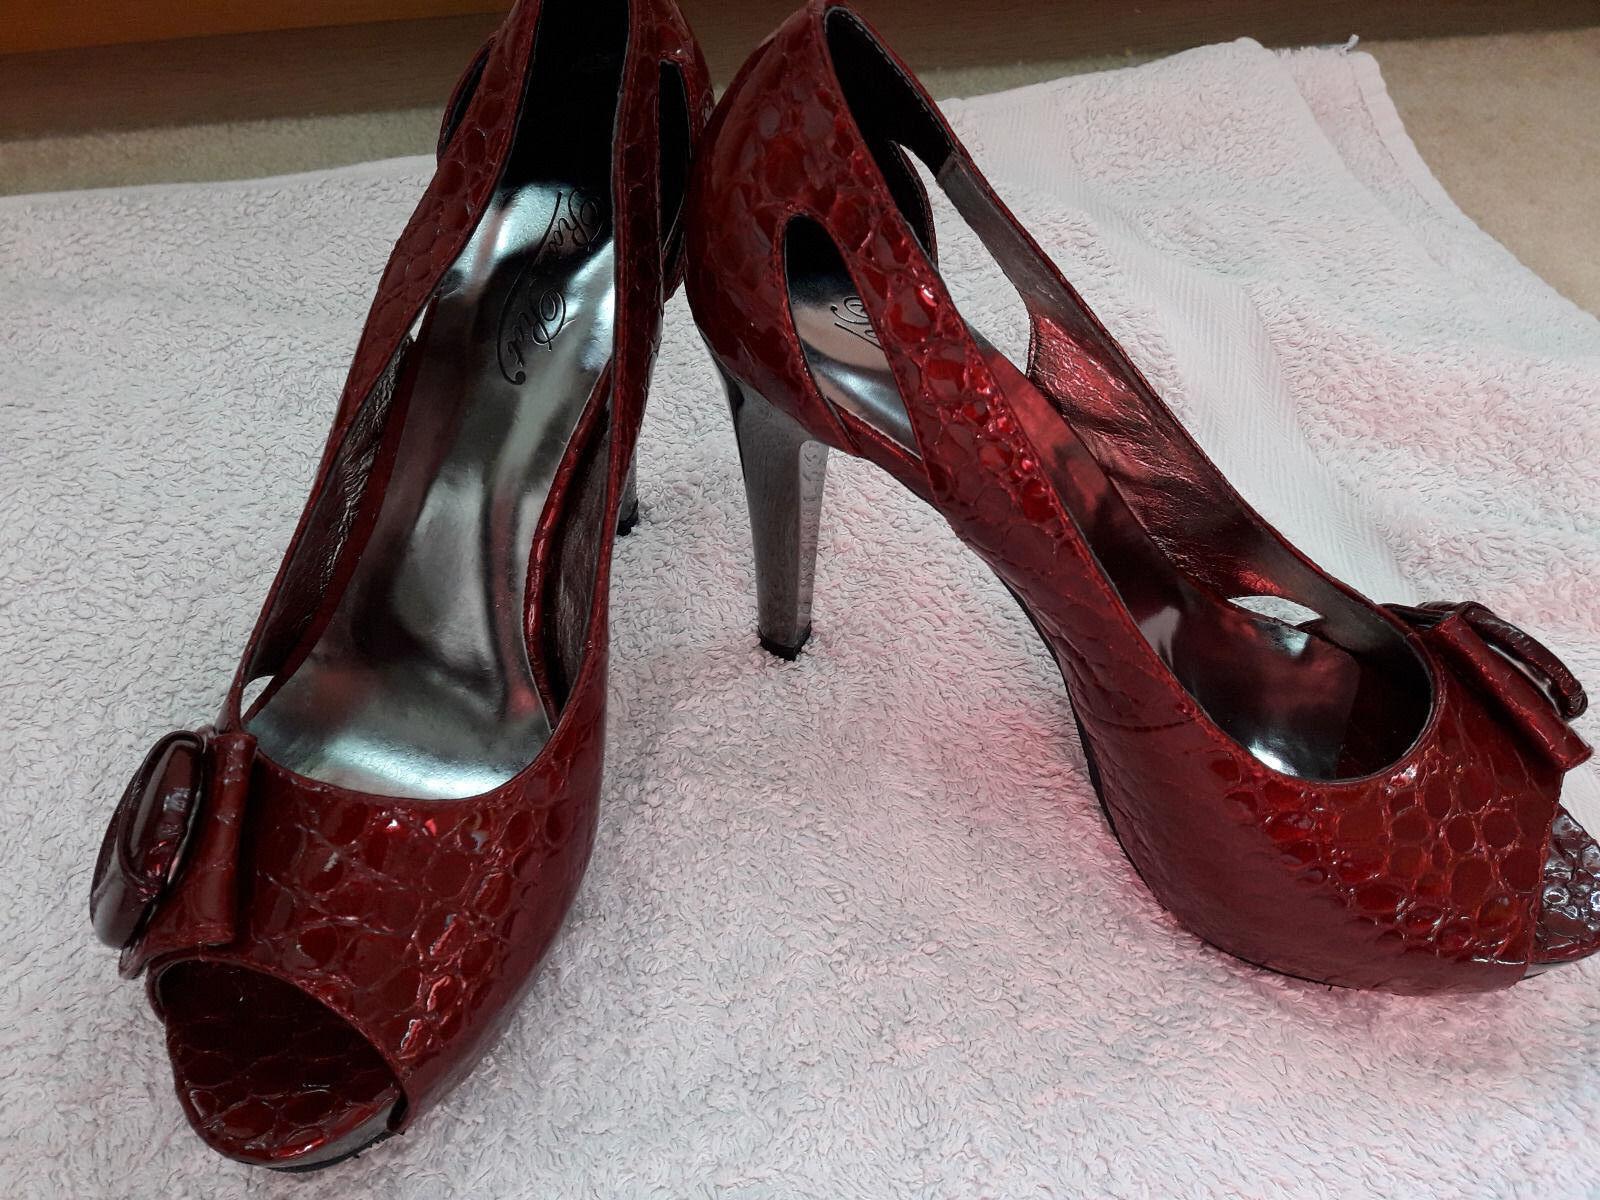 Rosa Rot Damen Schuhe / High Heels / Plateau / Pumps Gr. 38